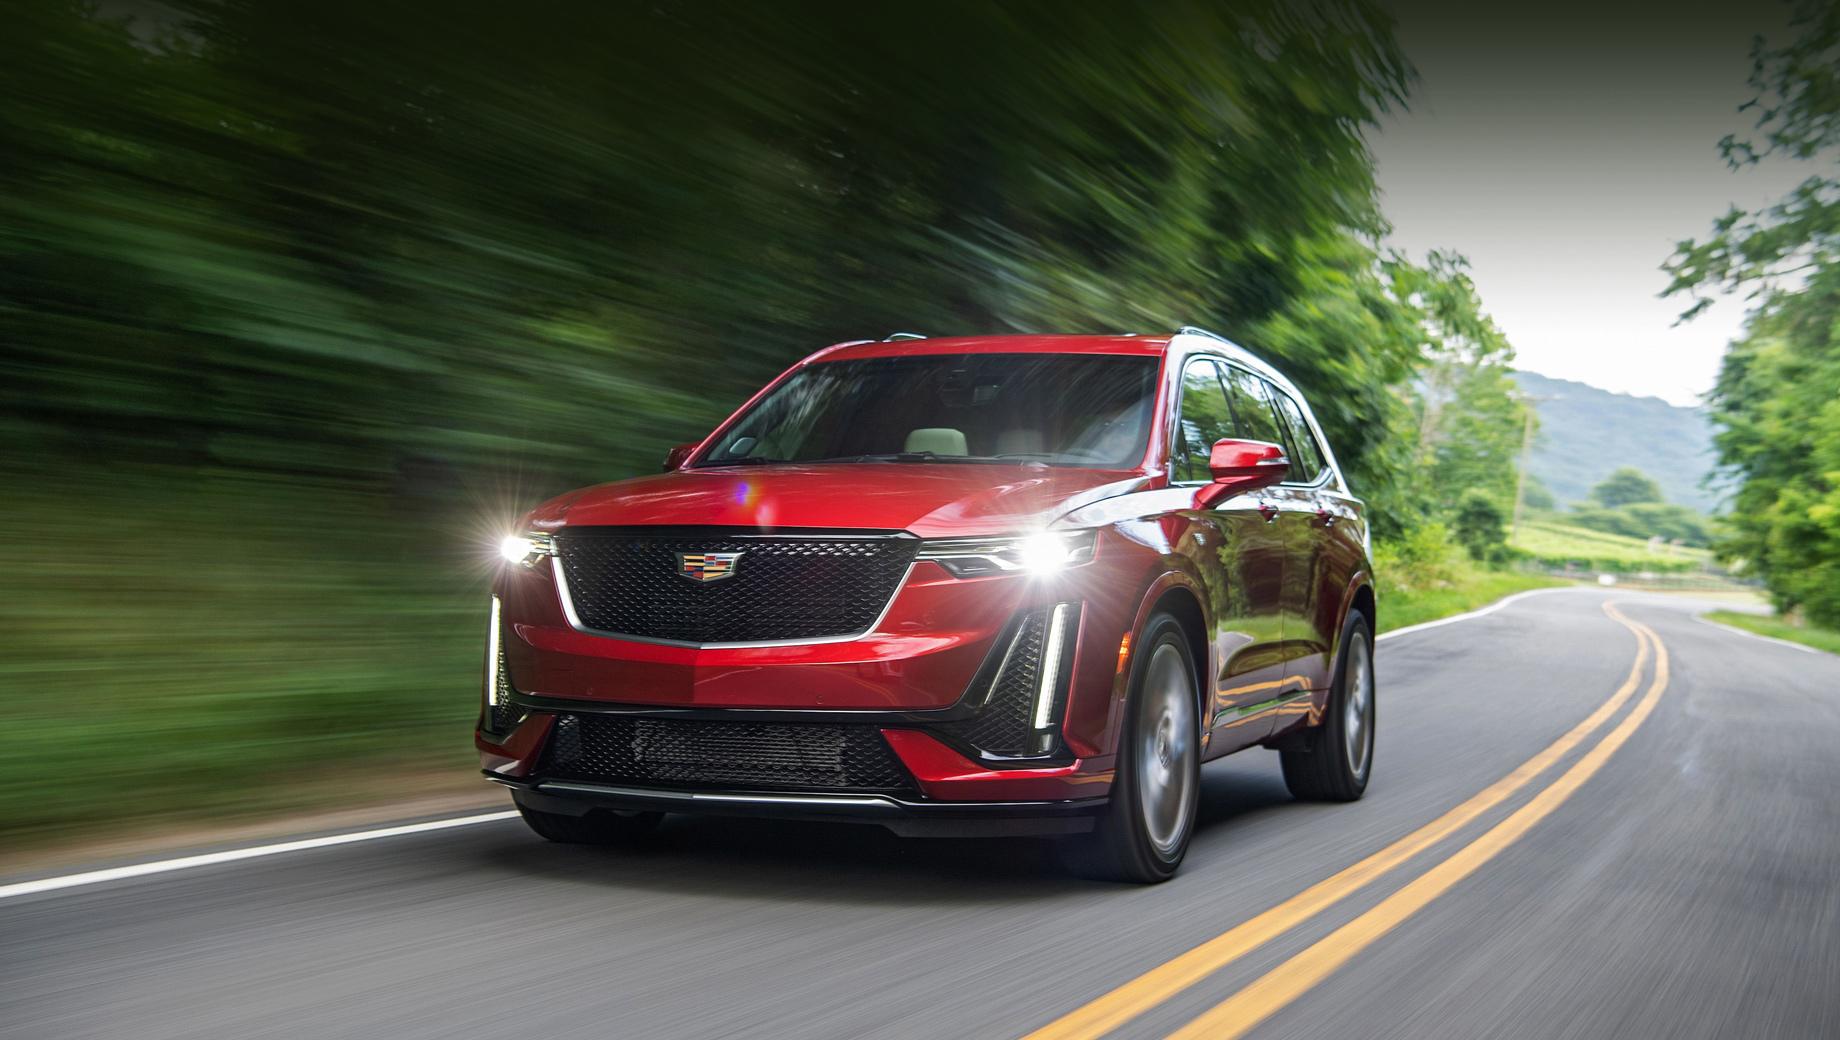 Cadillac xt6. Паркетник длиной 5050 мм выпускается на двух заводах: Spring Hill Manufacturing в штате Теннесси (отсюда машины приедут к нам) и SAIC-GM в Шанхае. В США базовая версия Premium Luxury с передним приводом стоит от $53 690 (3,3 млн рублей). Топовый XT6 Sport (на фото) — от $58 090 (3,57 млн).